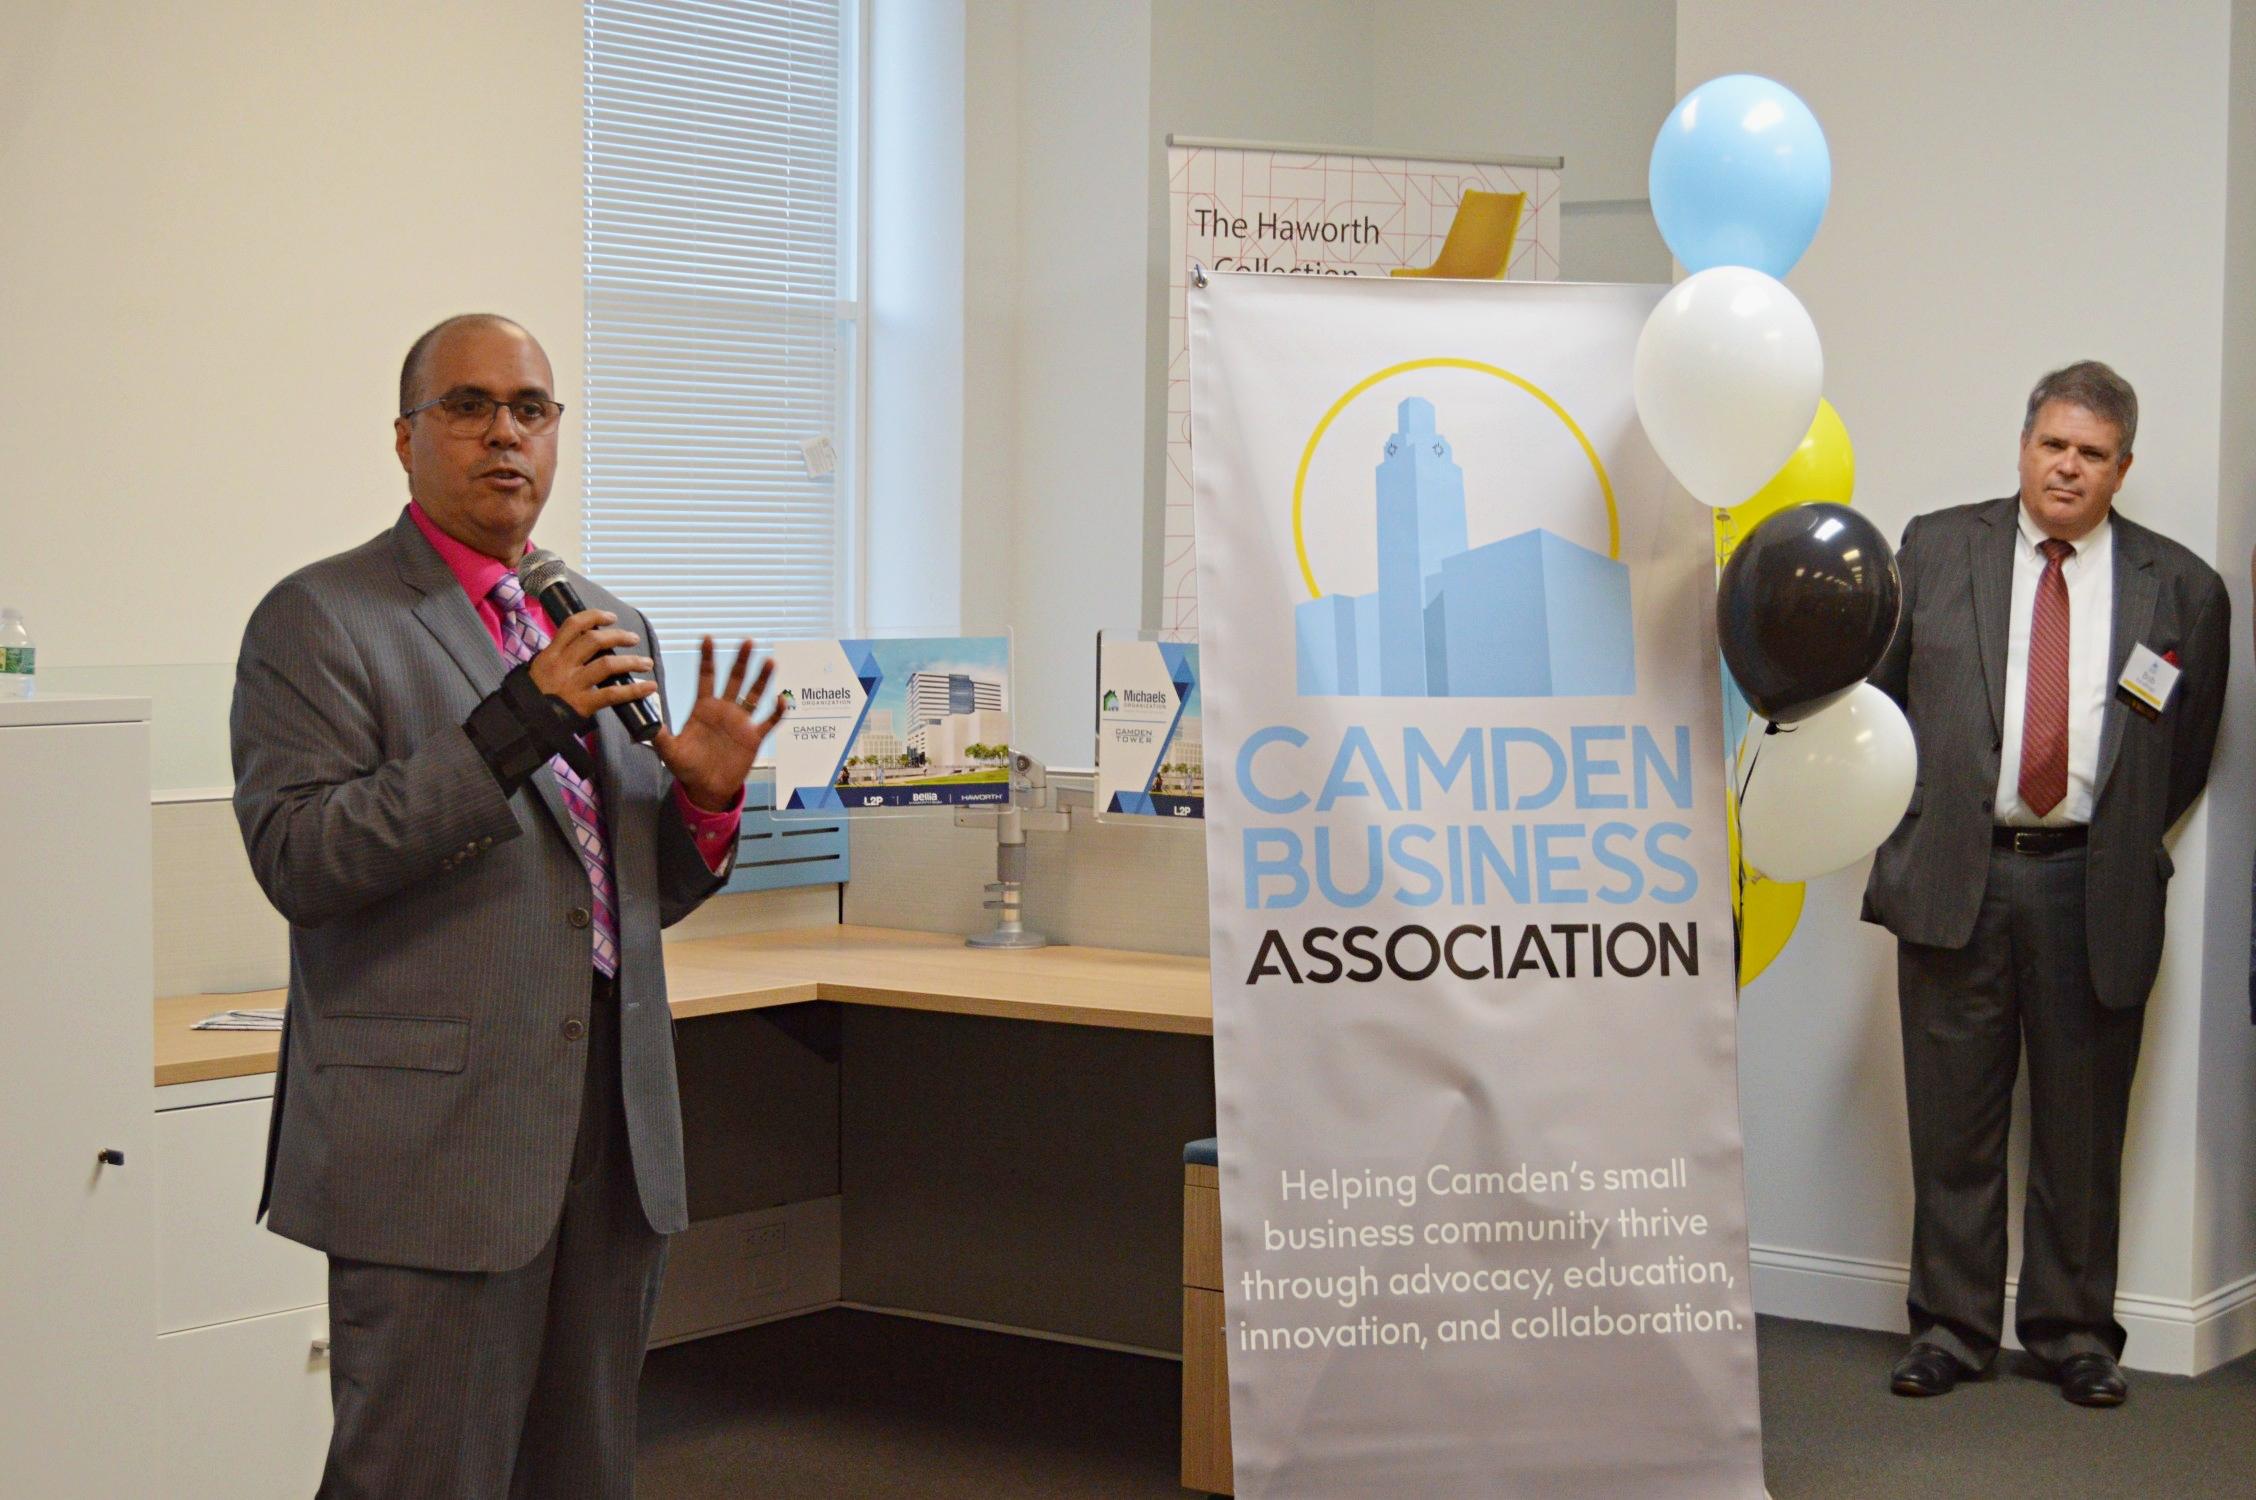 CamdenBusinessVIPEvent0150 - Camden Business Association